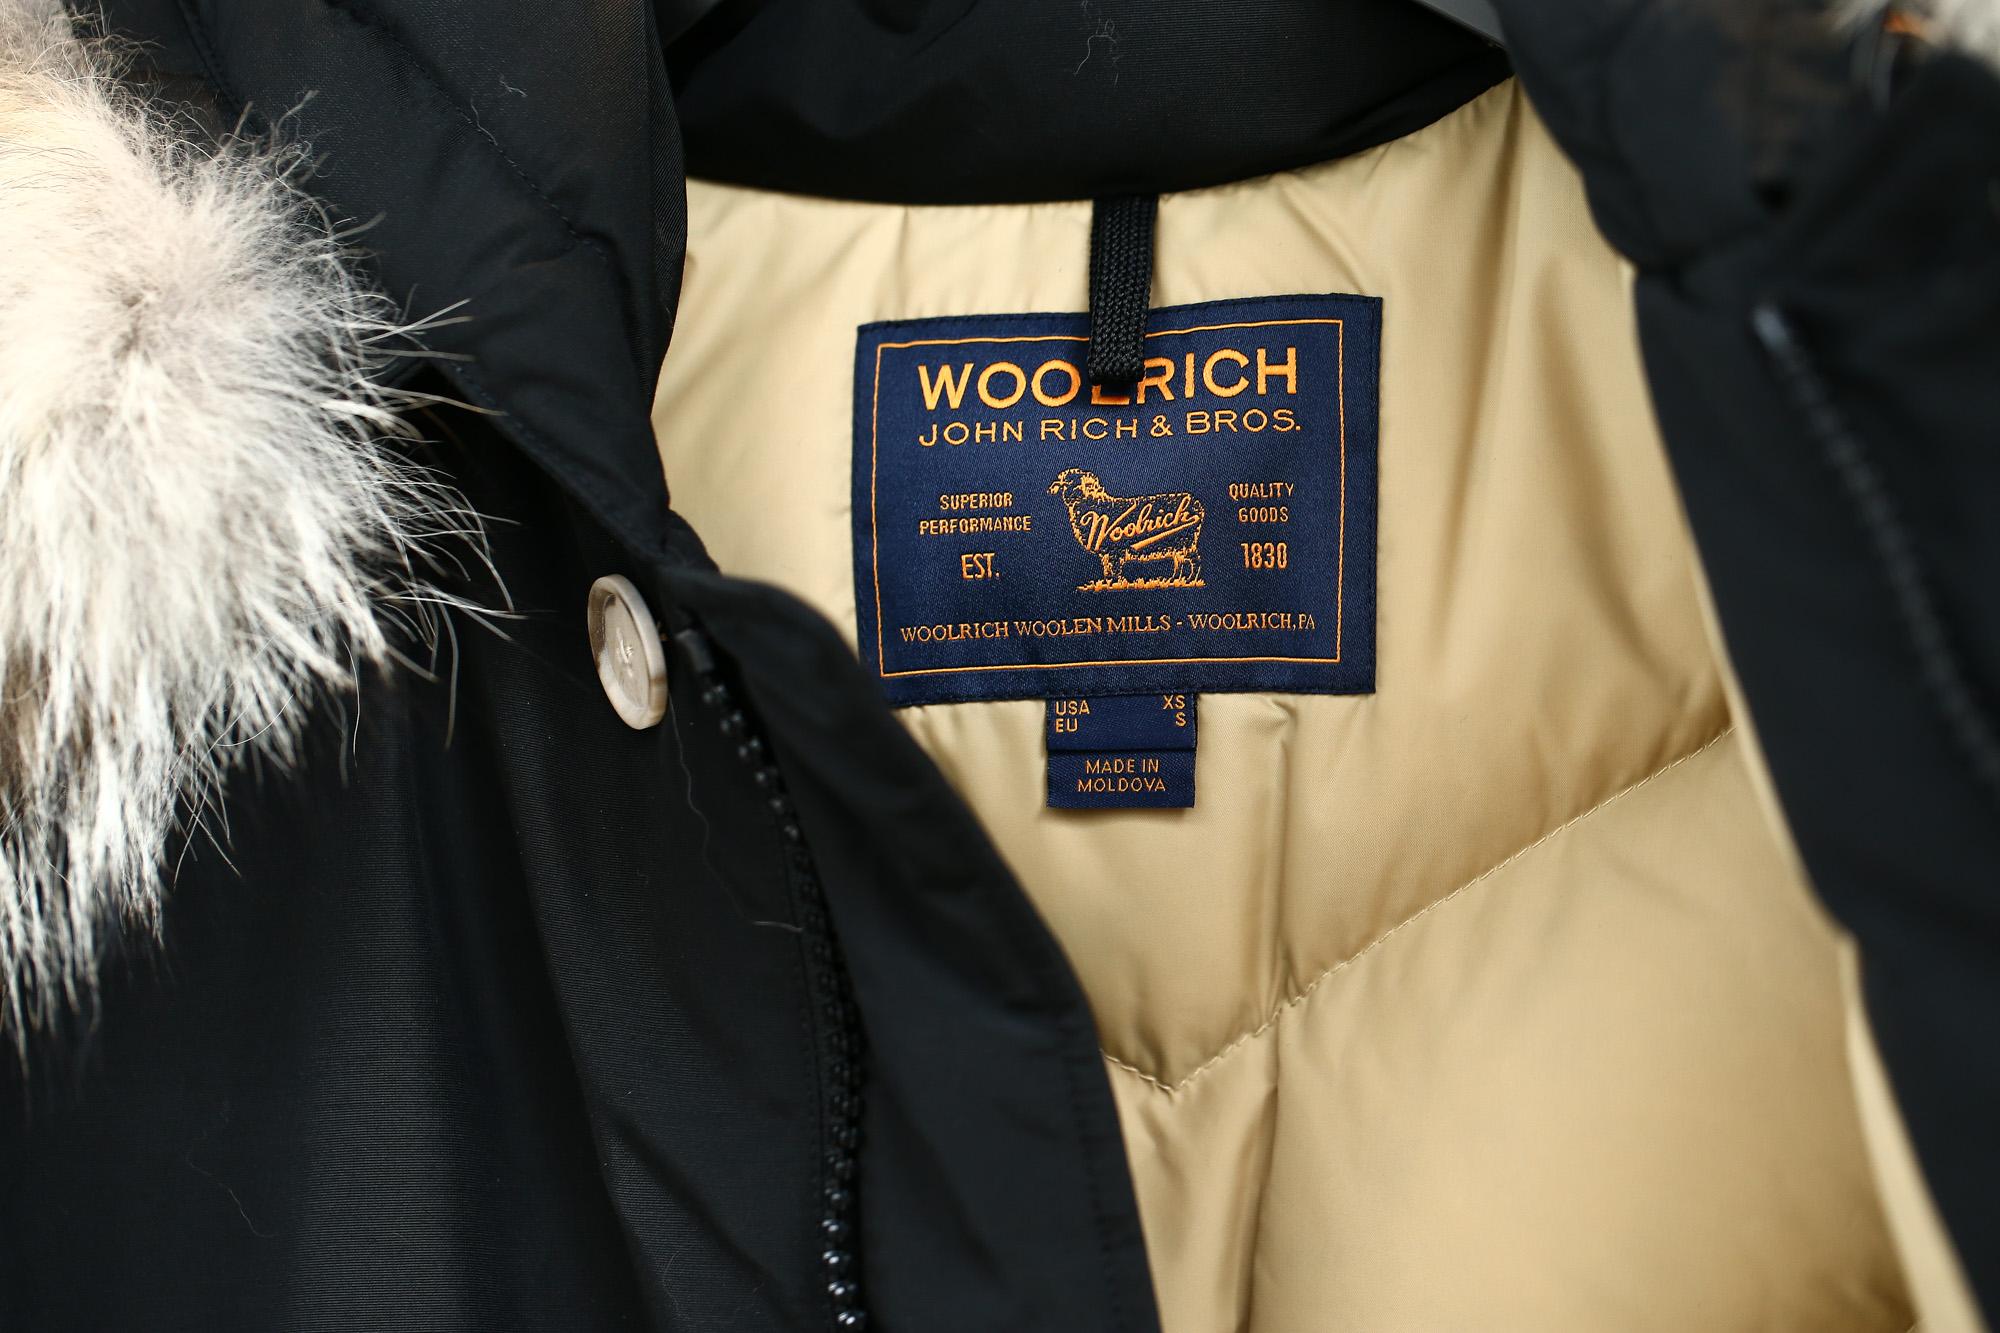 WOOLRICH (ウールリッチ) ARCTIC PARKA ML (アークティックパーカ ML) 60/40クロス ダウンコート ダウンジャケット NEW BLACK (ニューブラック・NBL) 2017 秋冬新作 woolrich zodiac 名古屋 愛知 ダウン arcticparka